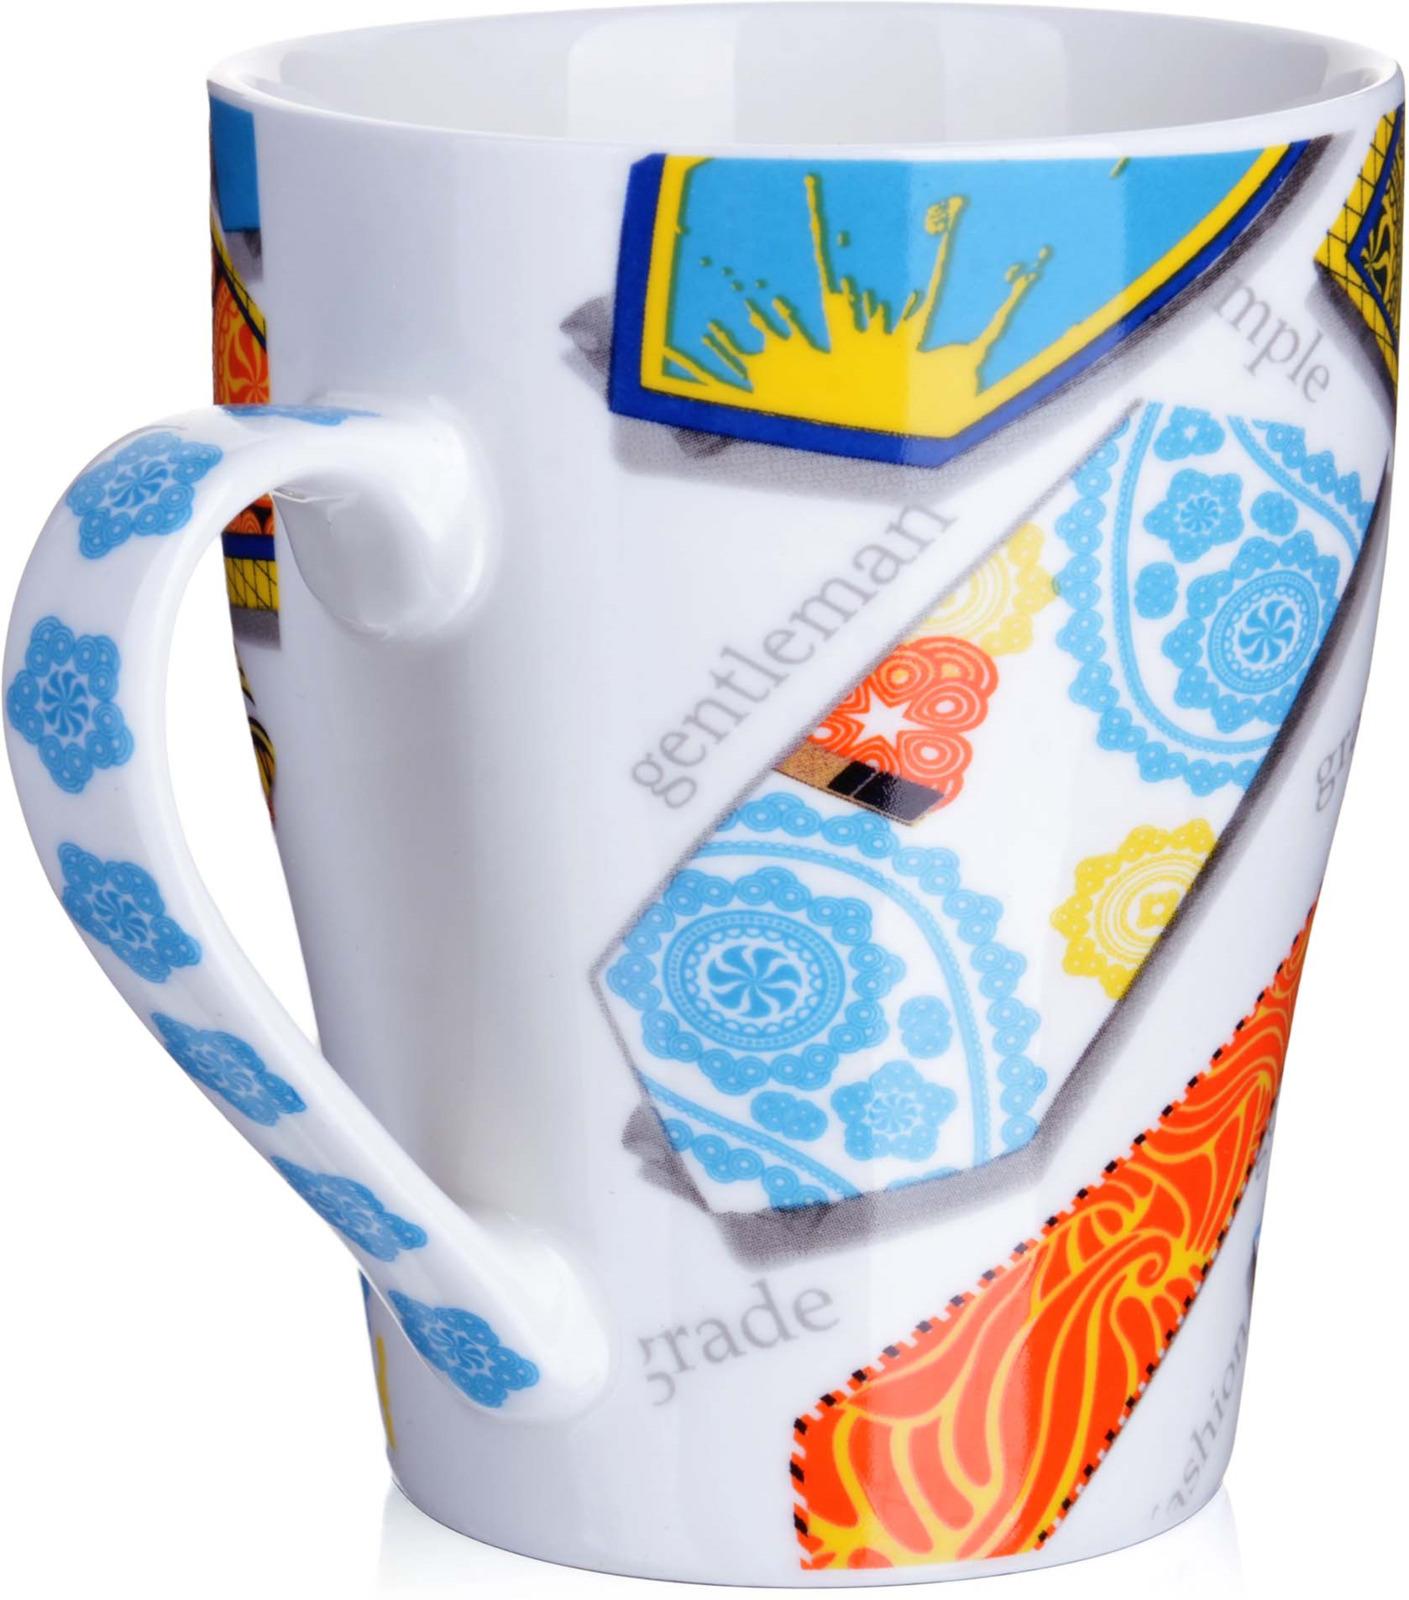 Кружка Loraine Галстук, цвет: белый, голубой, желтый, 340 млу3663Кружка, выполненная из высококачественного фарфора станет красивым и полезным подарком для ваших родных и близких. Дизайн кружки настроит на позитивный лад и подарит хорошее настроение с самого утра. Кружка украшена ярким рисунком и имеет удобную ручку. В подарочной упаковке. Кружка Loraine - идеальный подарок для ваших близких и ваших друзей. Подходит для мытья в посудомоечной машине.